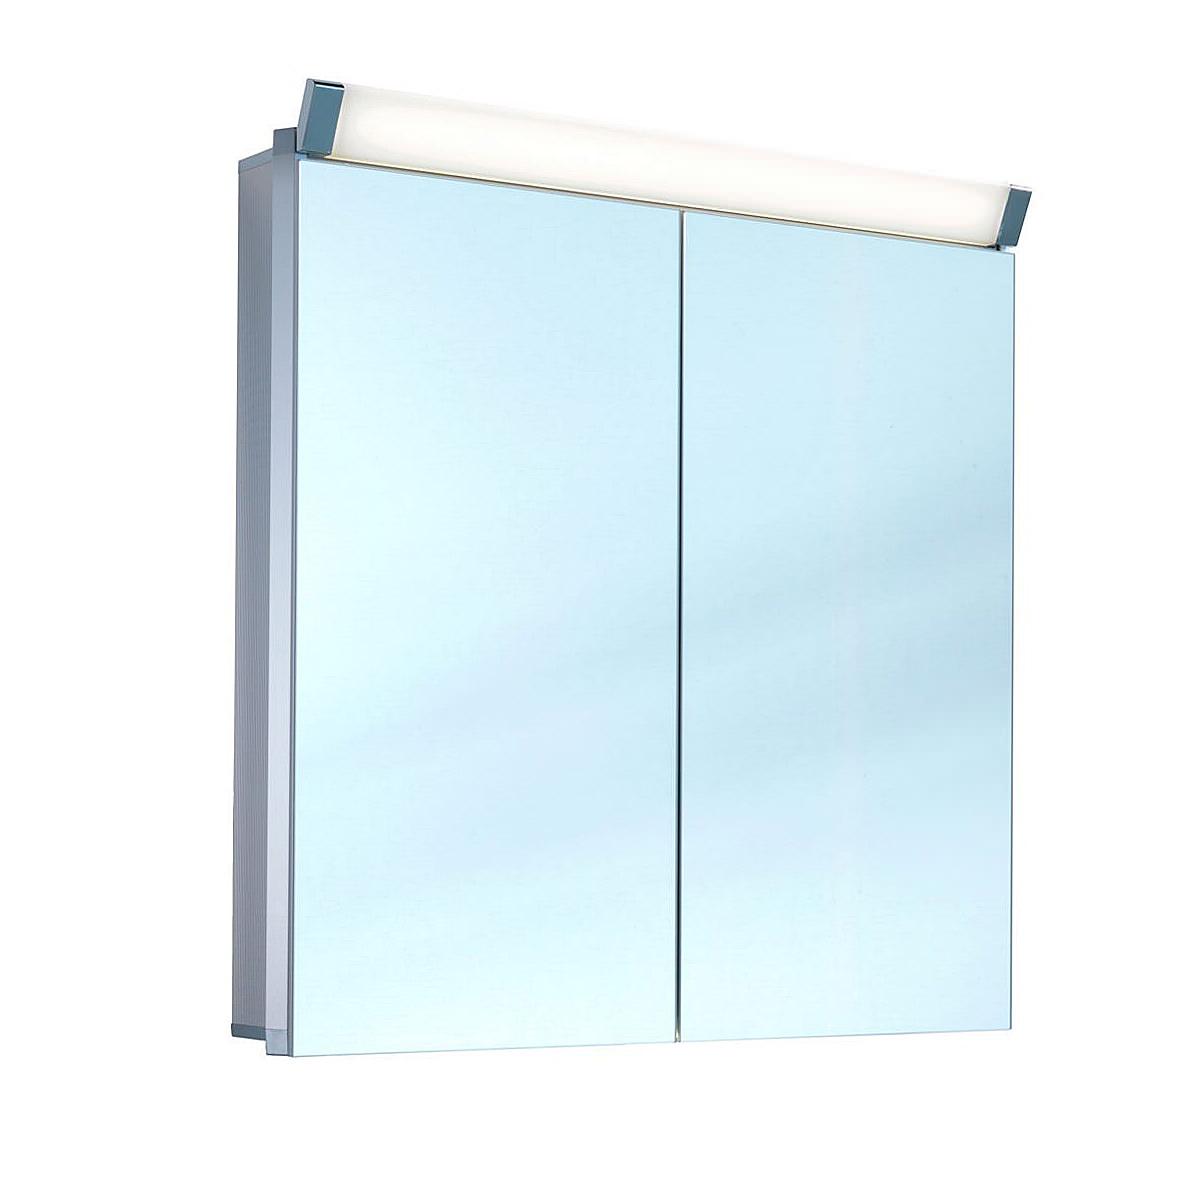 Schneider Paliline 2 Door 760mm Height Mirror Cabinet With